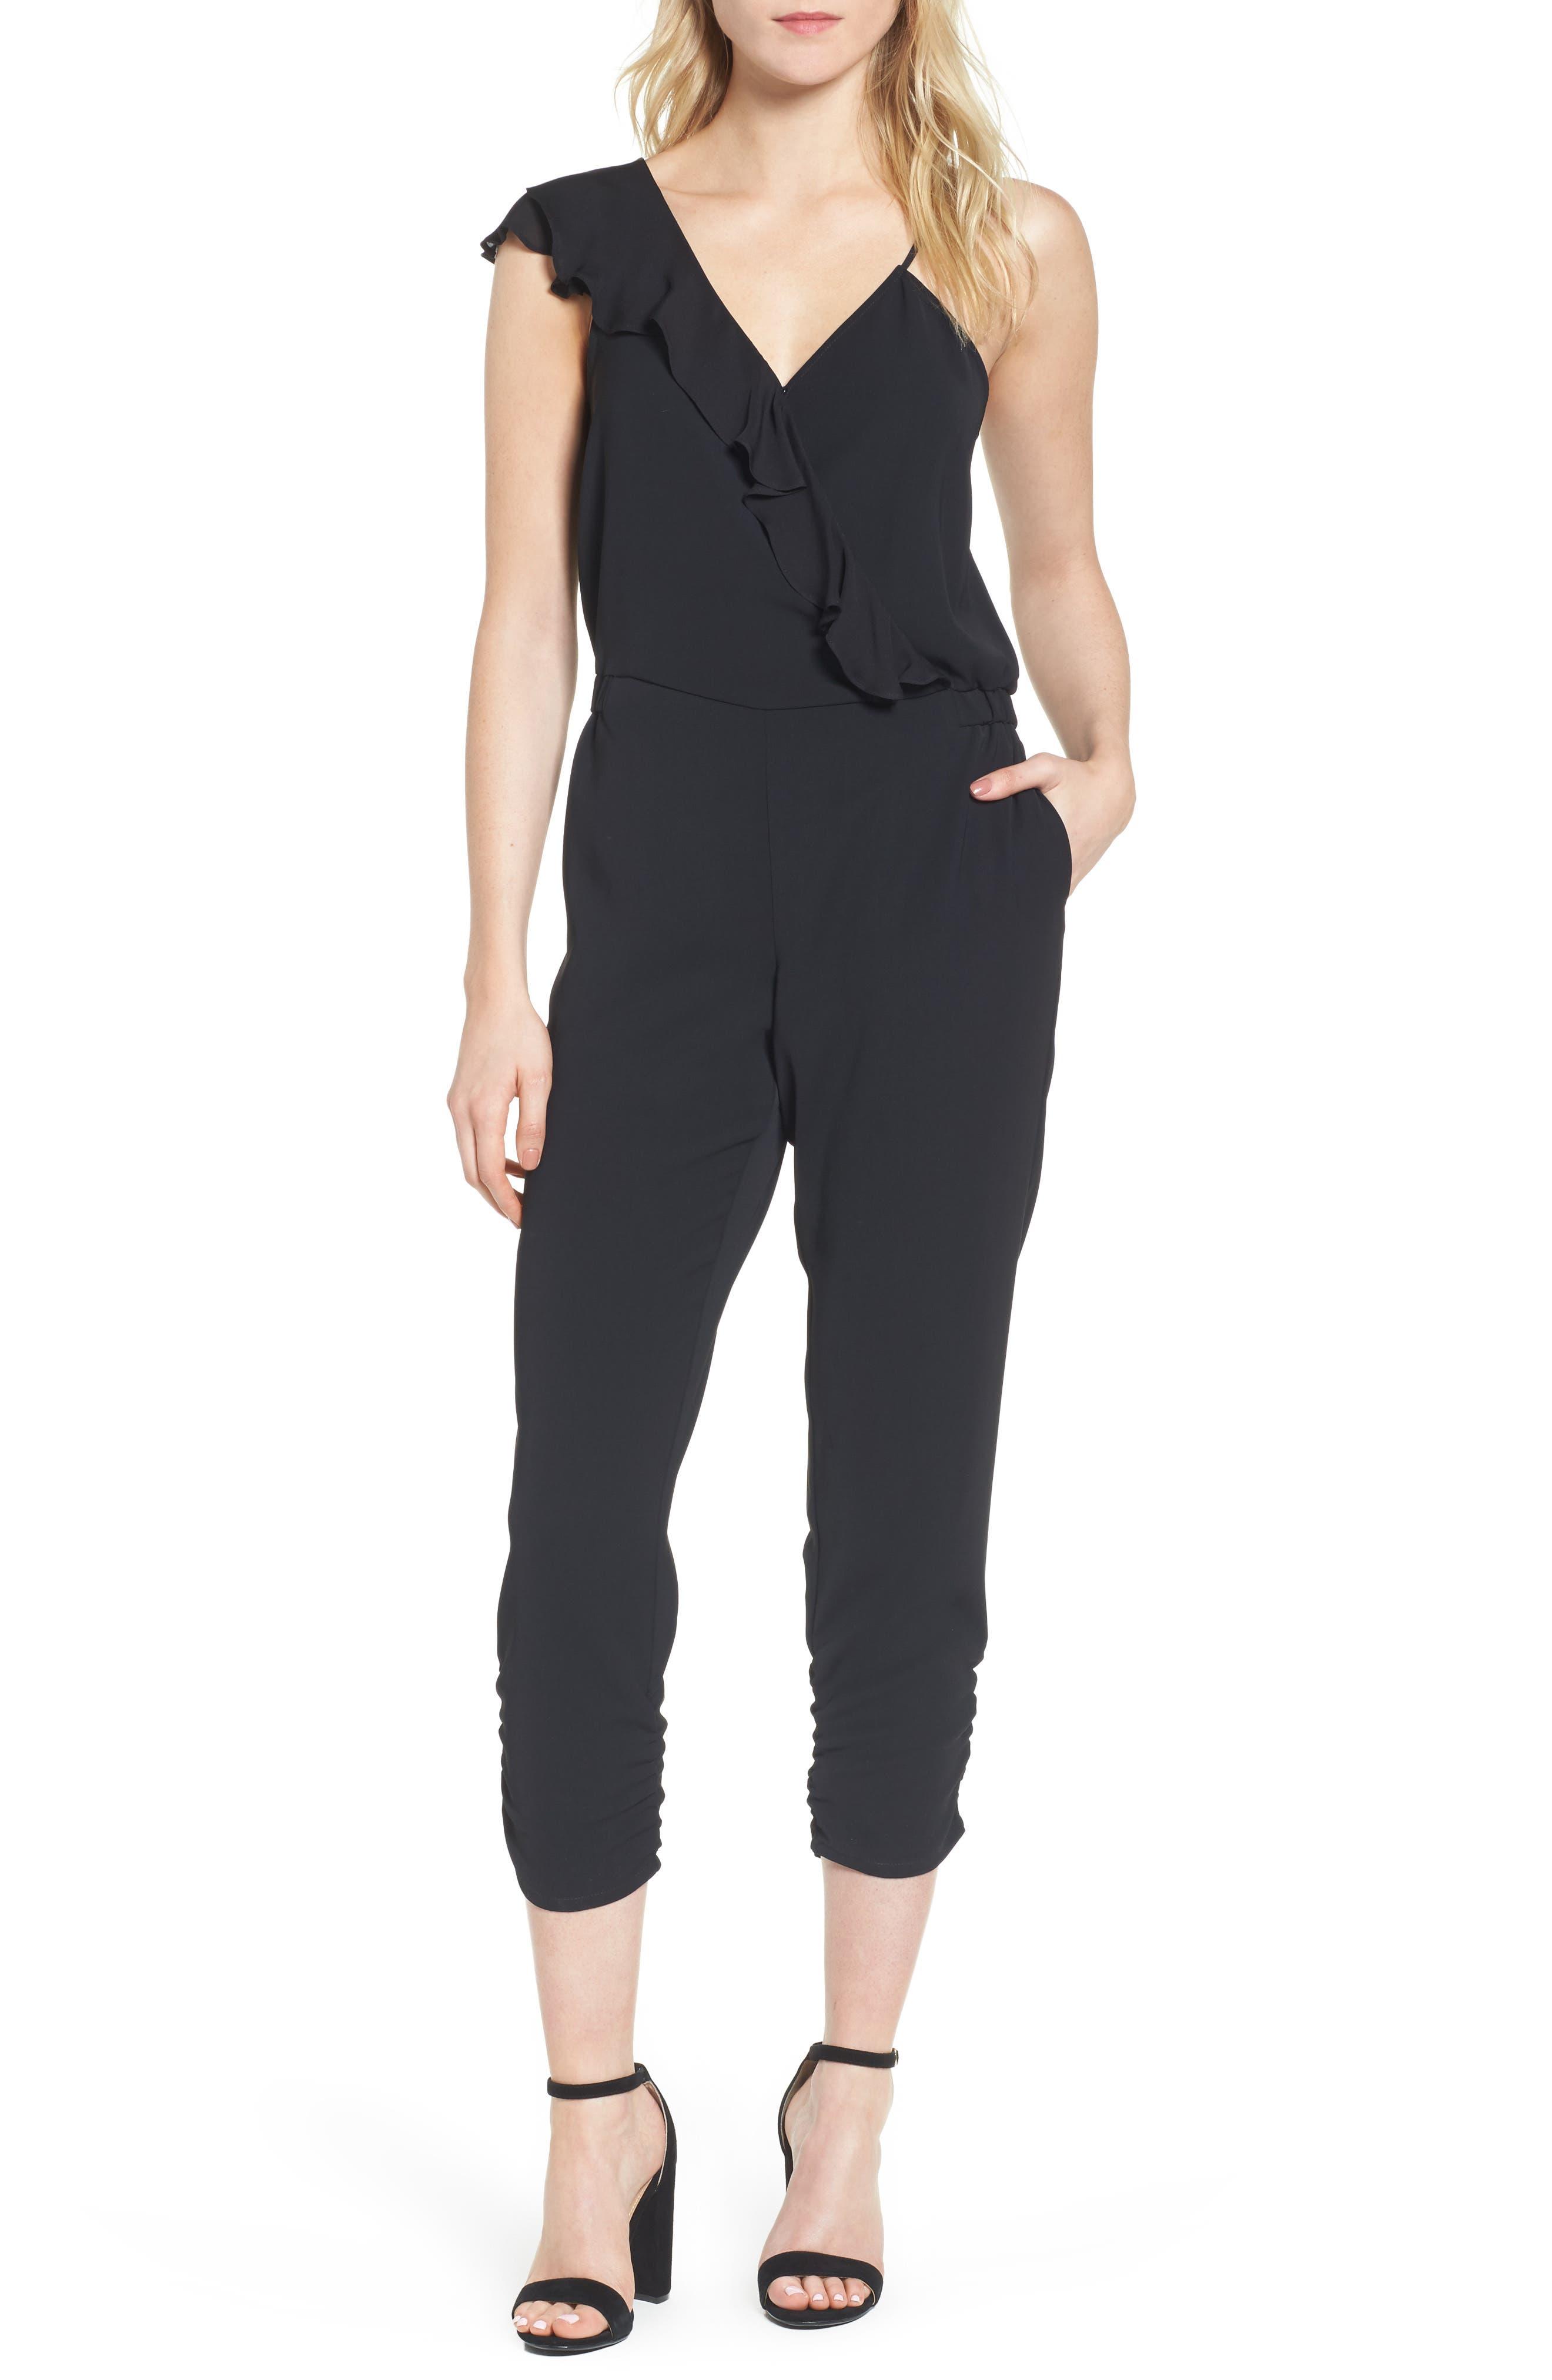 Addison Asymmetrical Jumpsuit,                             Main thumbnail 1, color,                             001